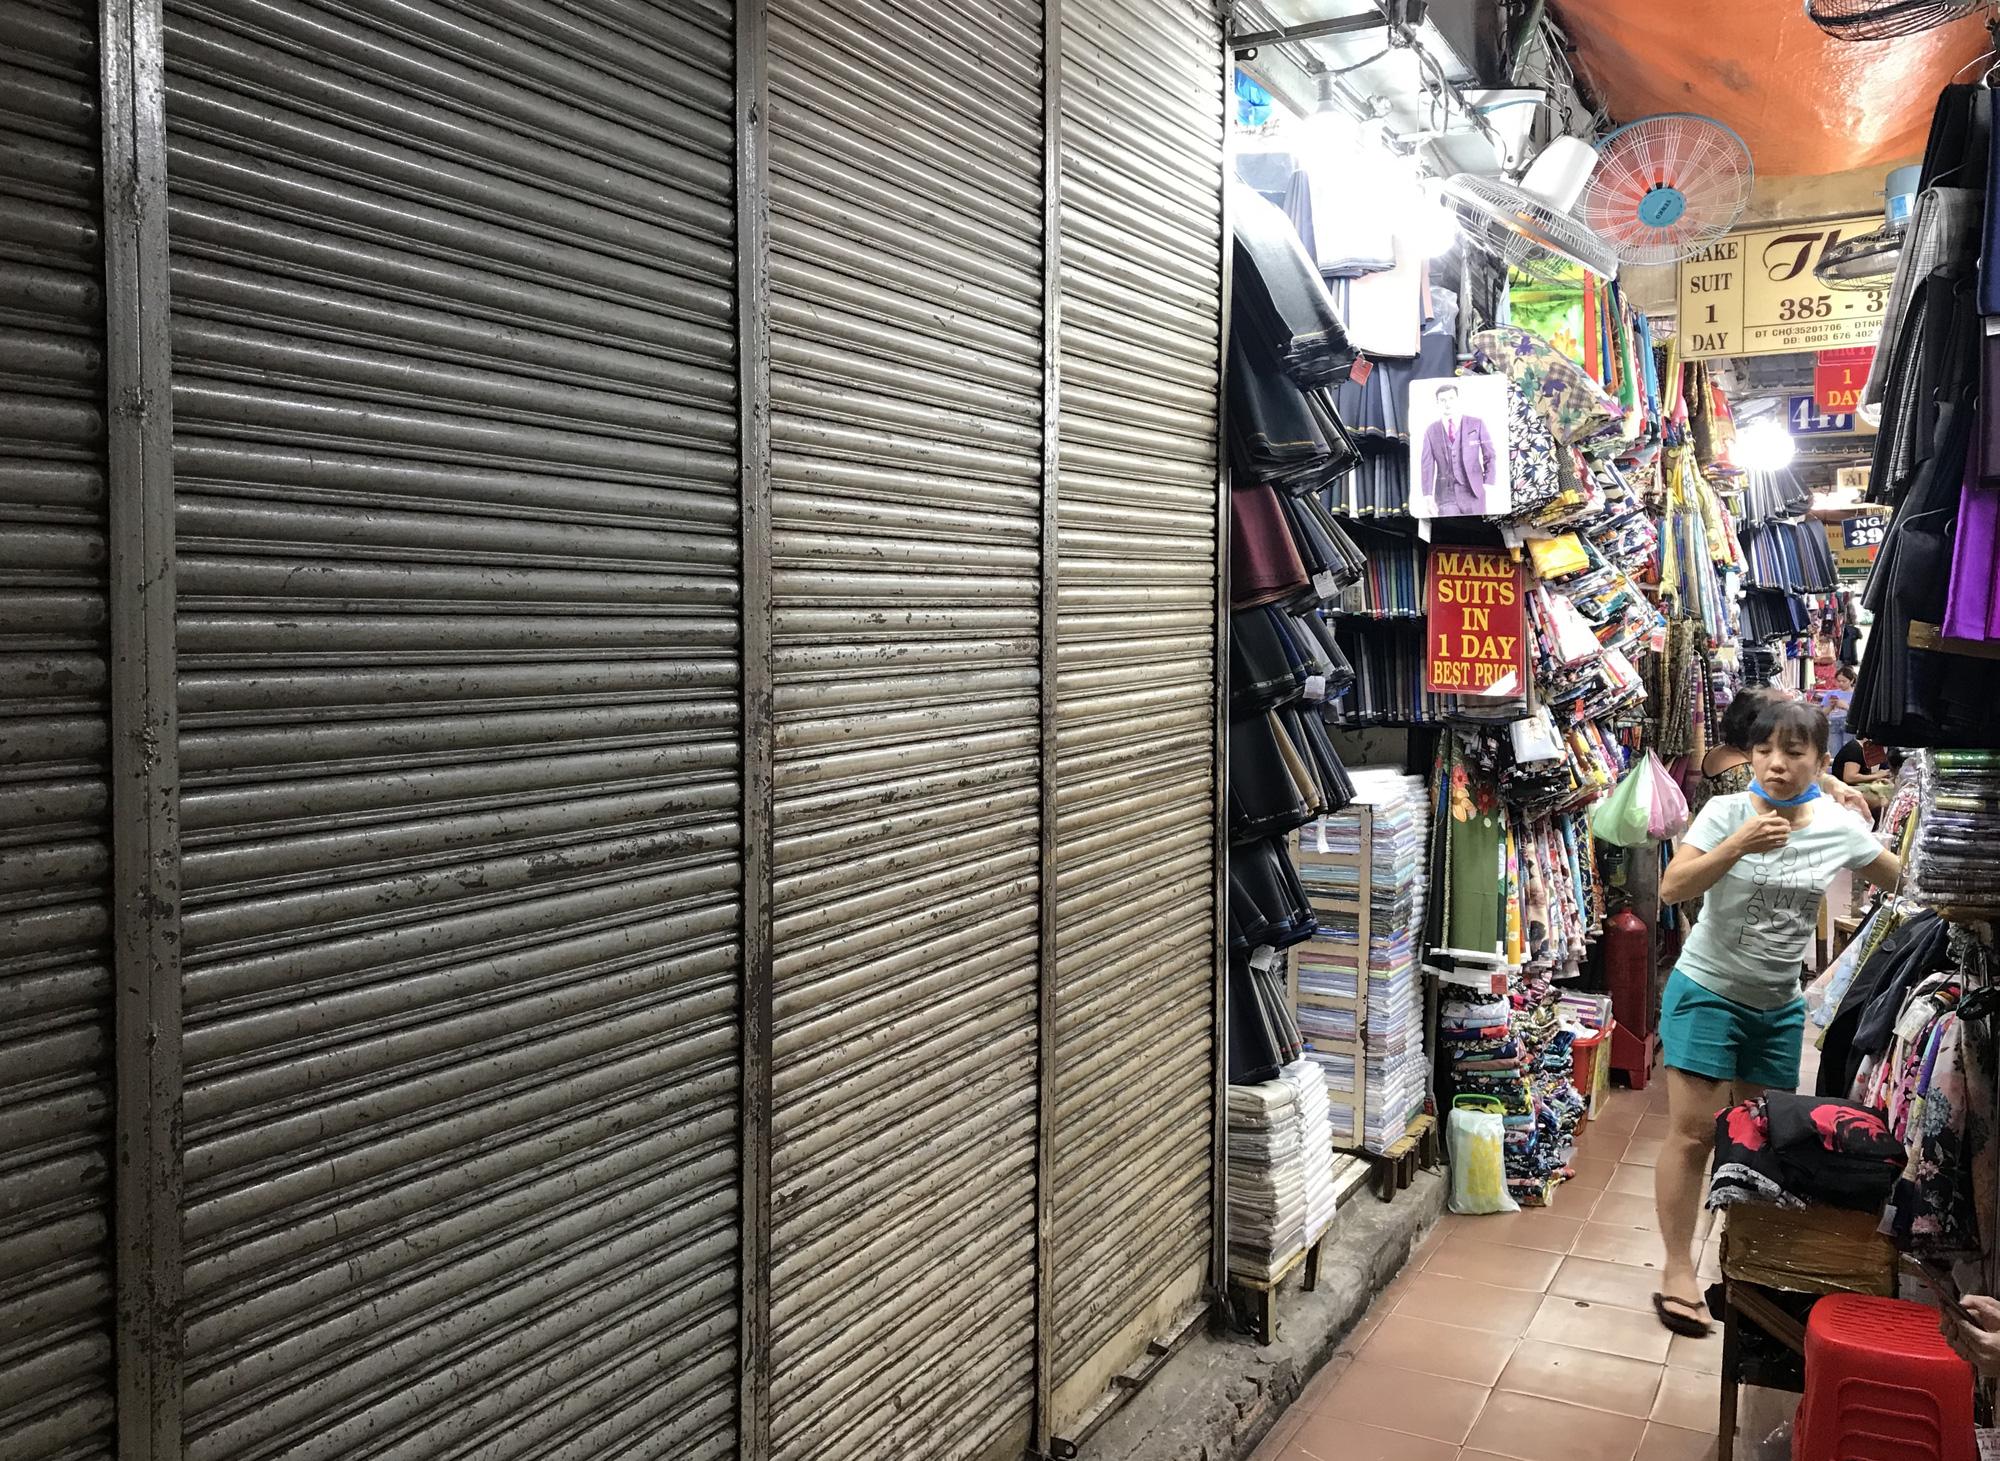 Chợ Bến Thành, Saigon Square ế chưa từng thấy, có tiểu thương đóng cửa, sang sạp vì virus corona - Ảnh 6.